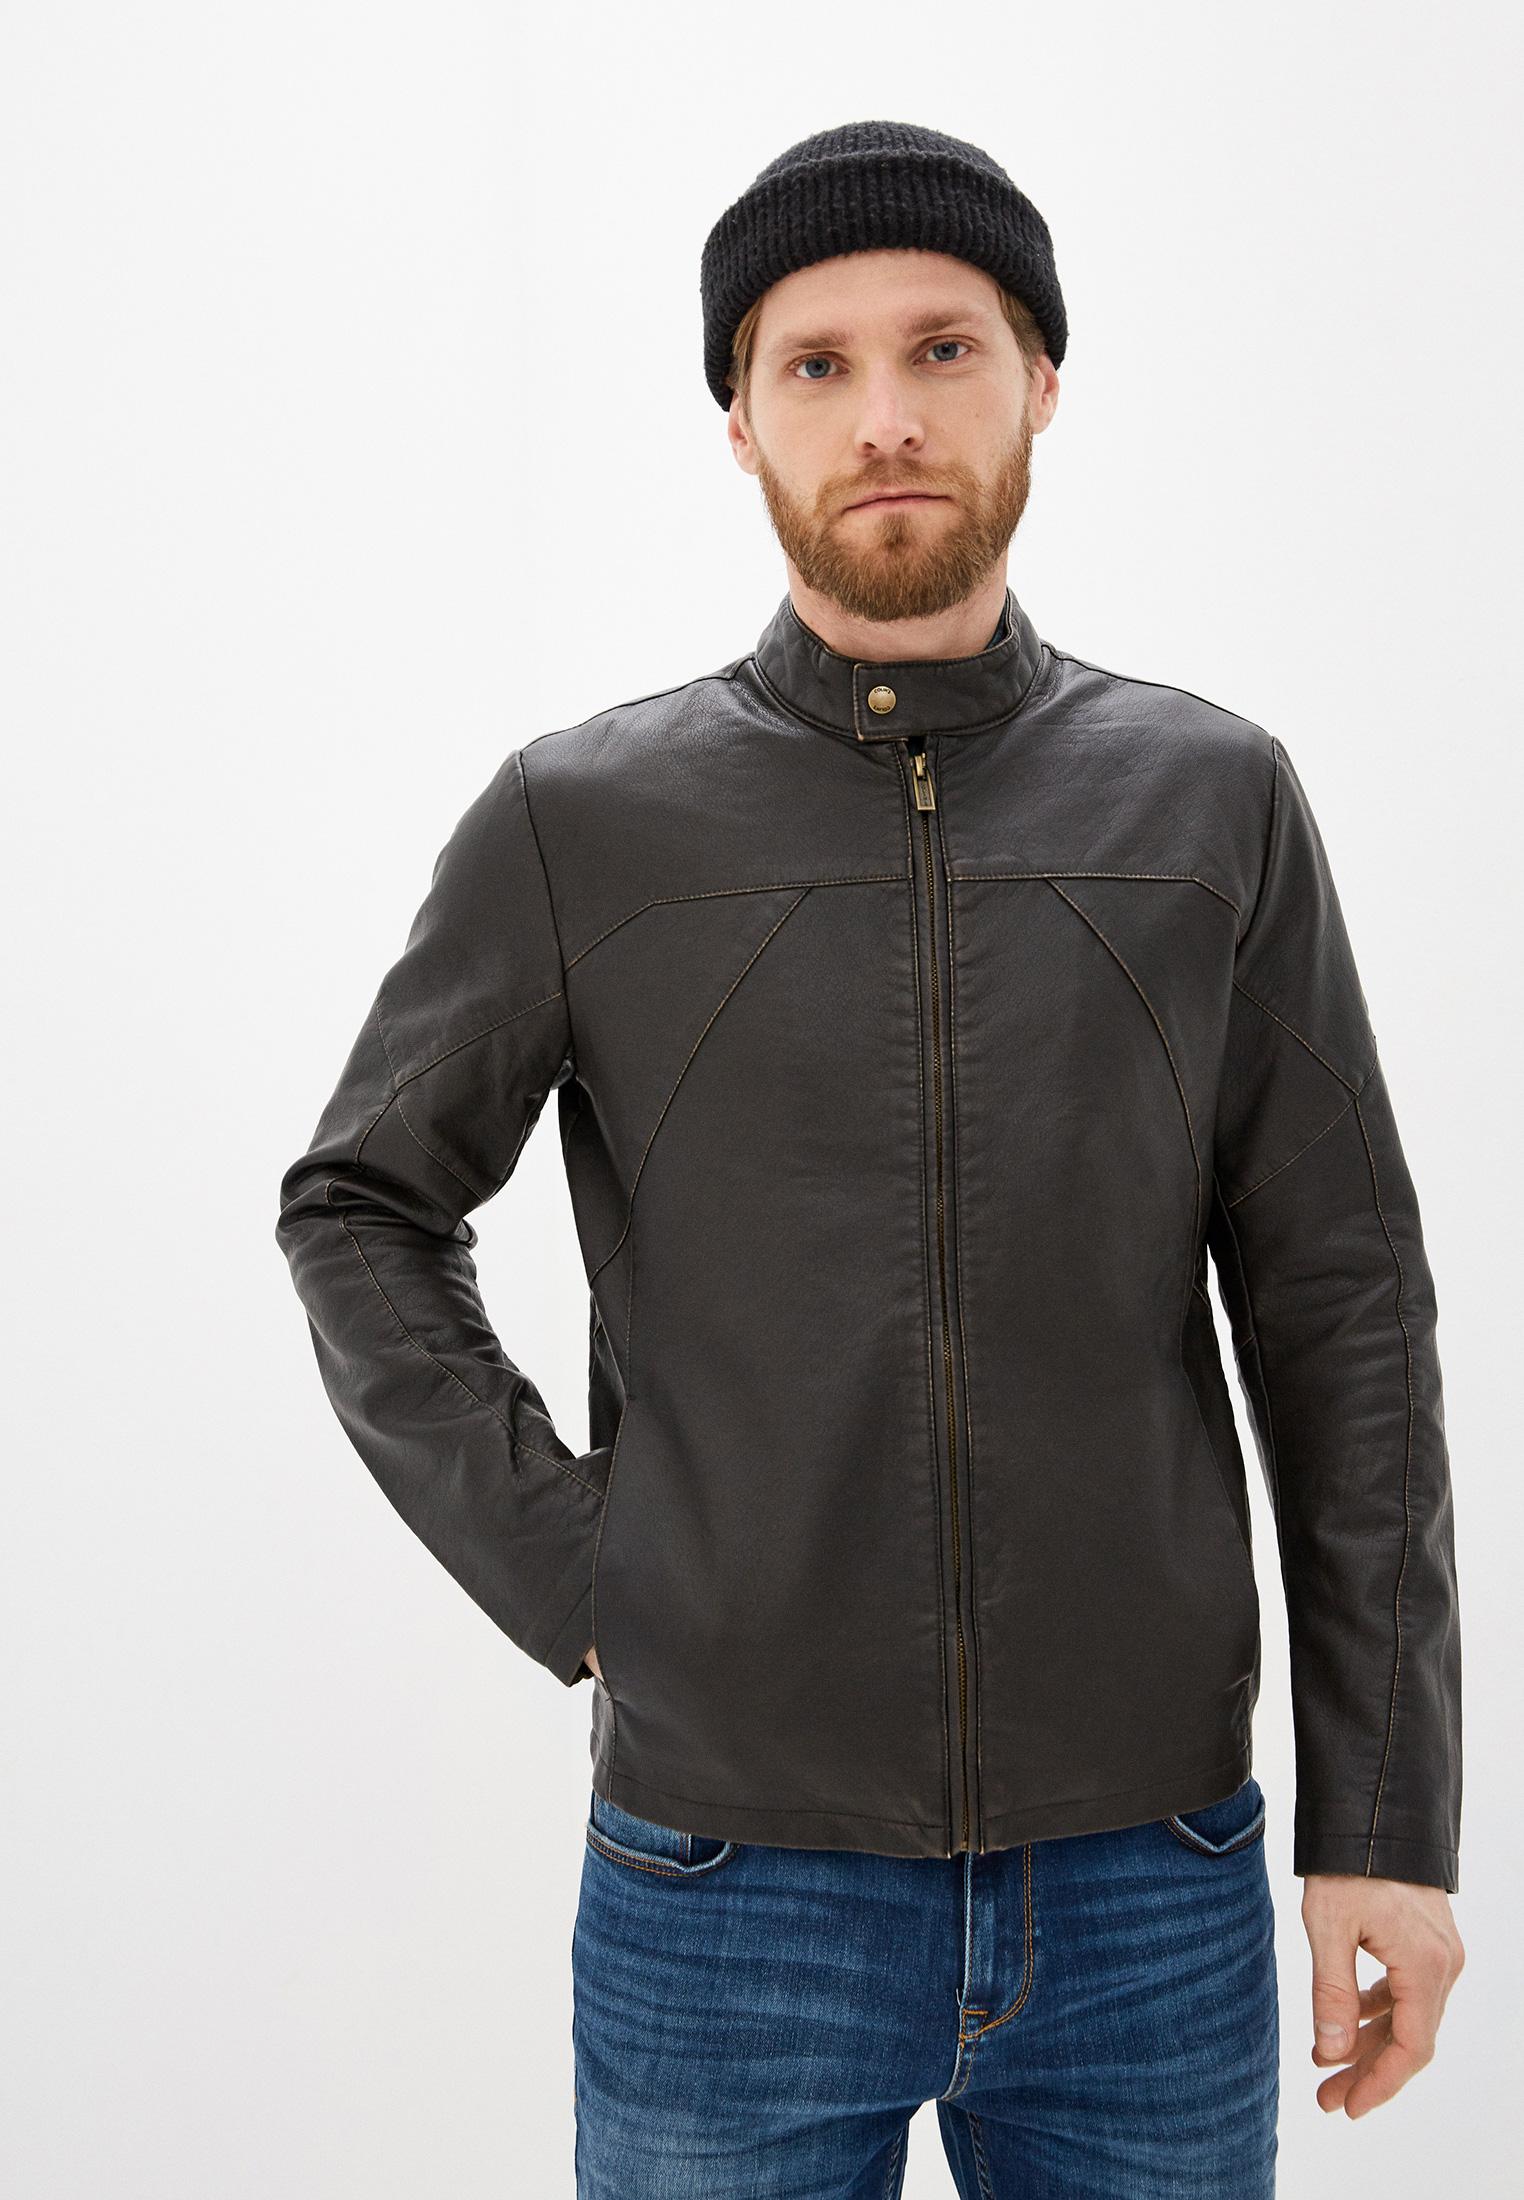 Куртка кожаная, Colin's, цвет: коричневый. Артикул: MP002XM0QRZC. Одежда / Верхняя одежда / Кожаные куртки